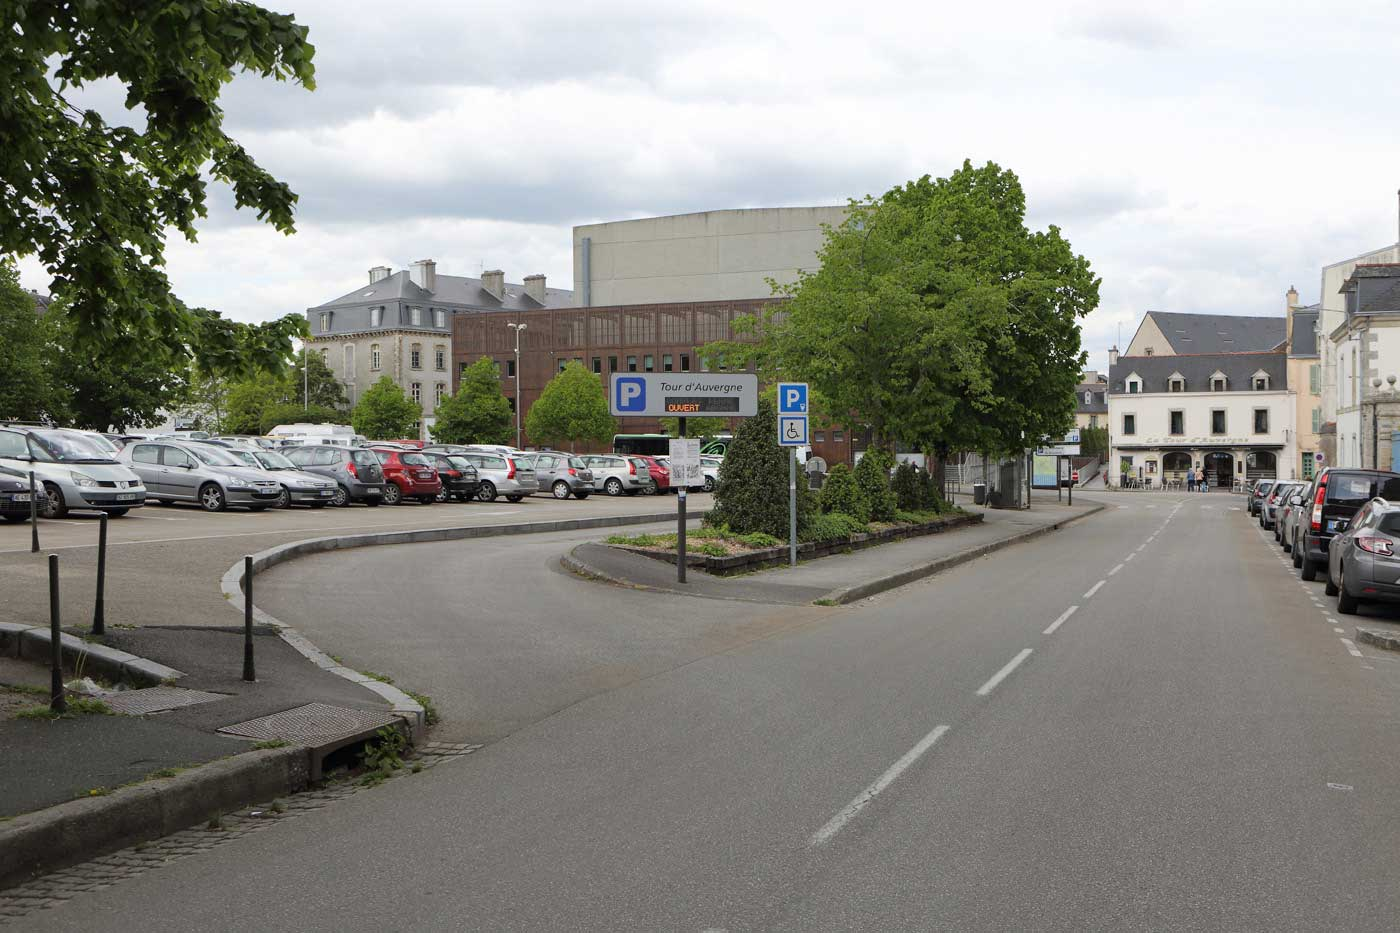 Stationnement et parkings ville de quimper for Piscine quimper